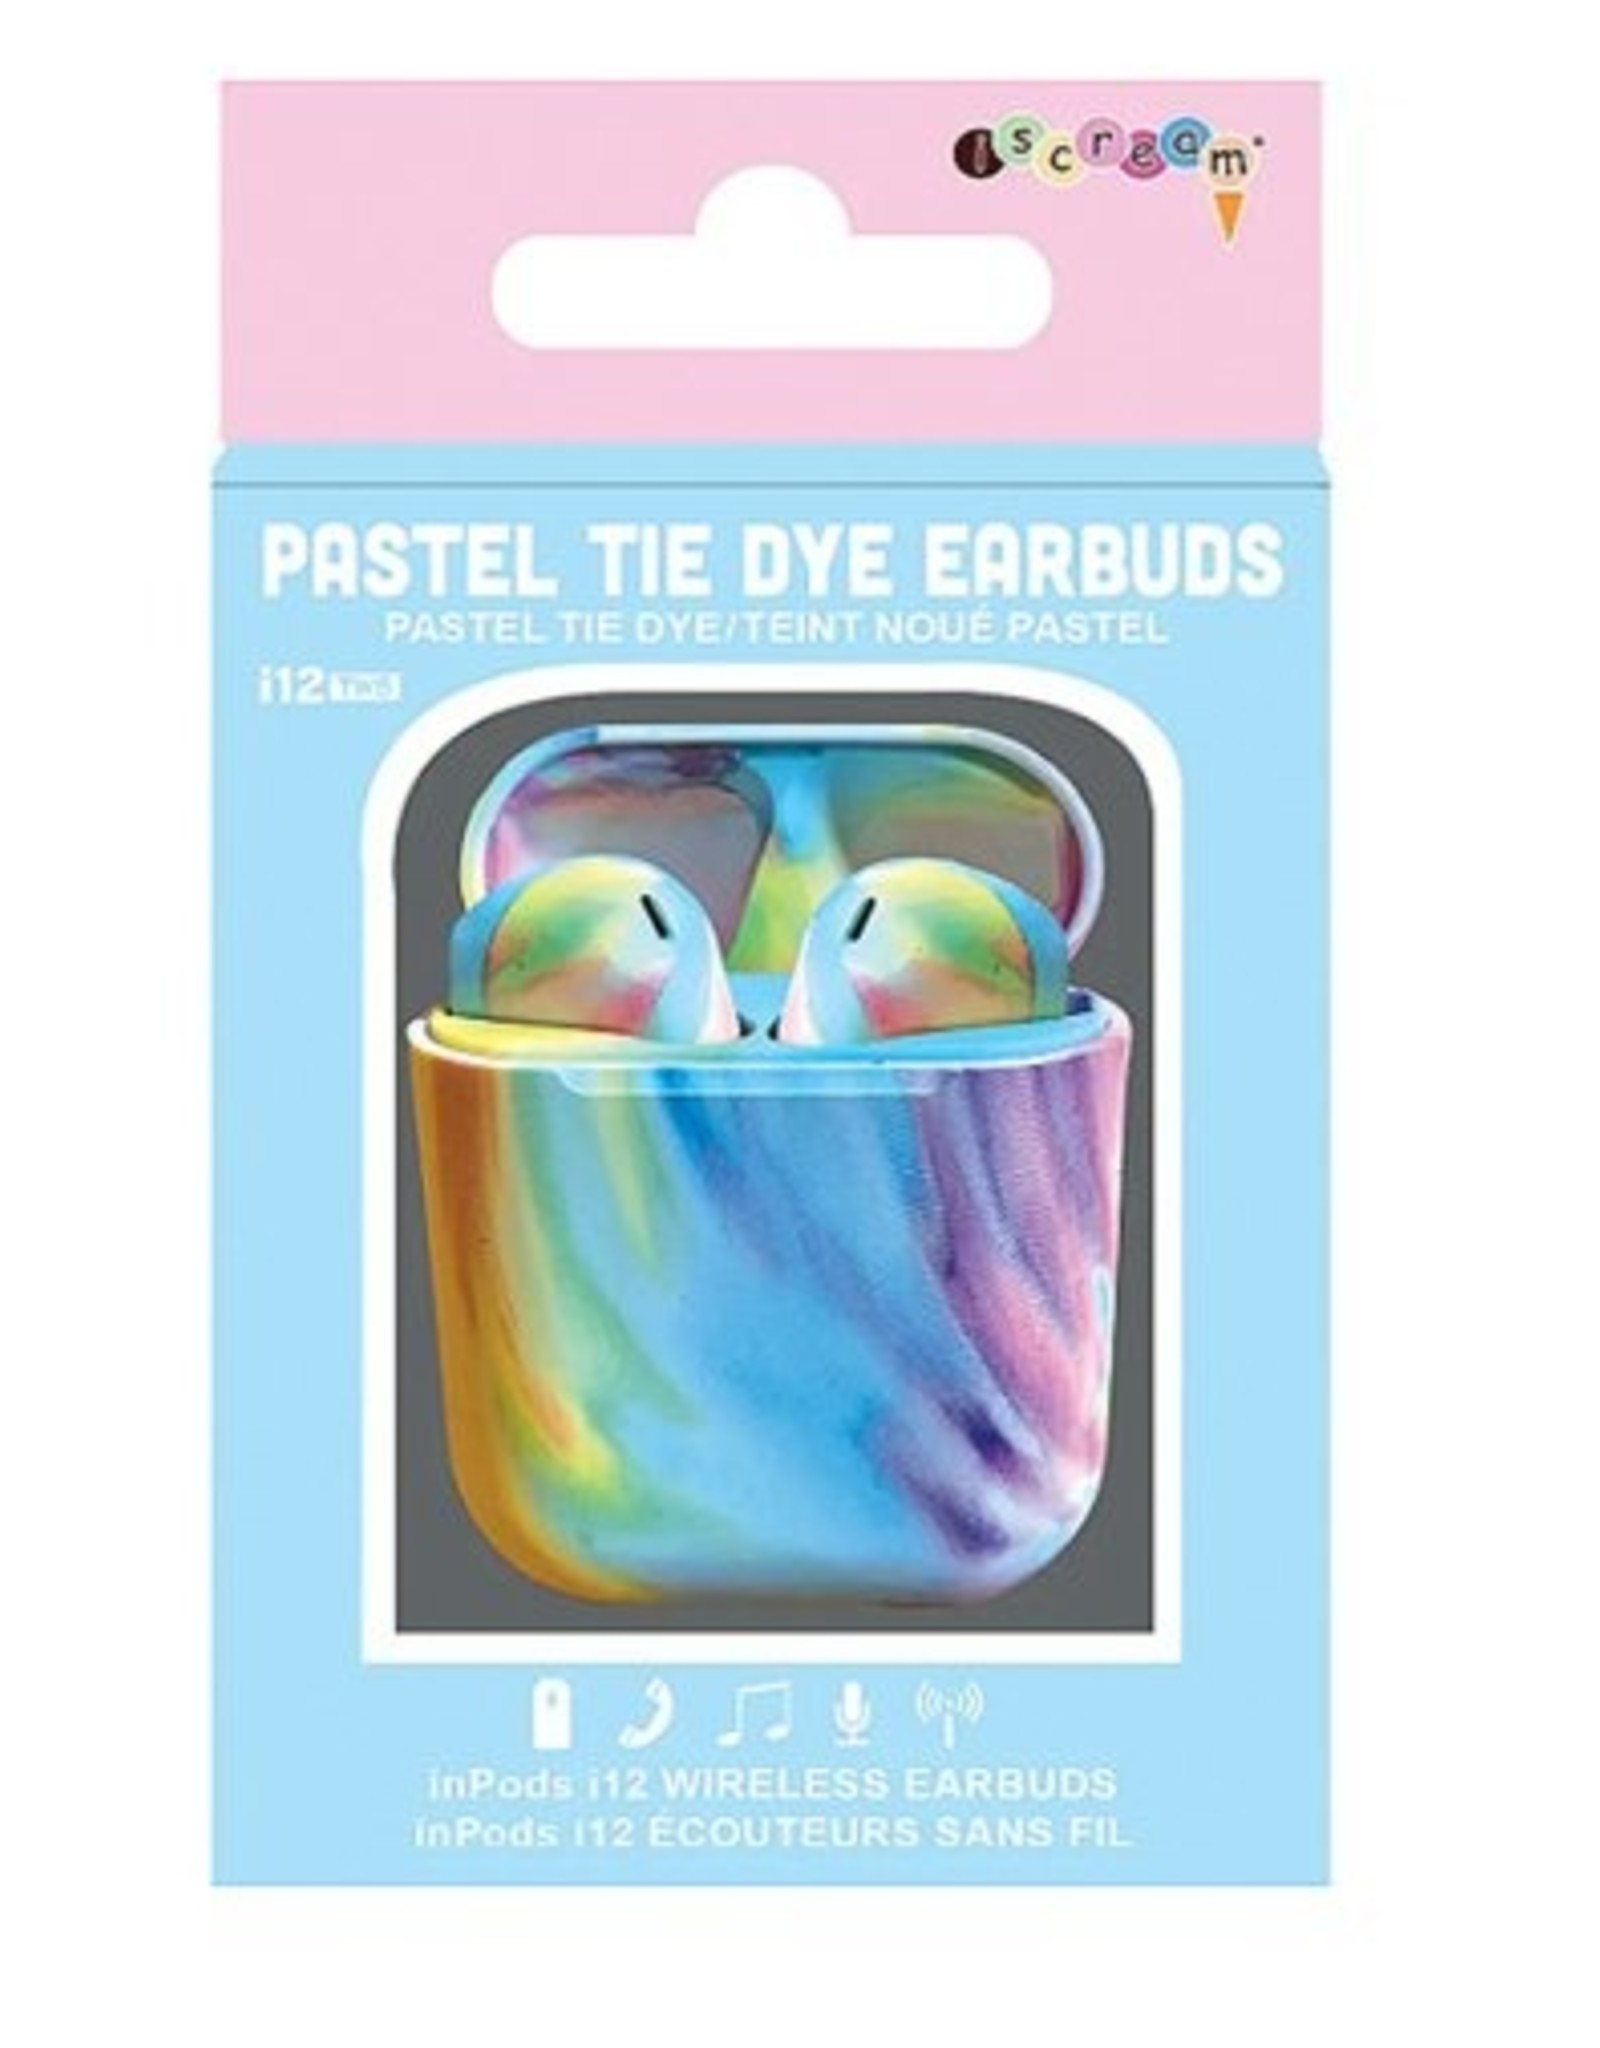 Iscream Pastel Tye Die Earbuds